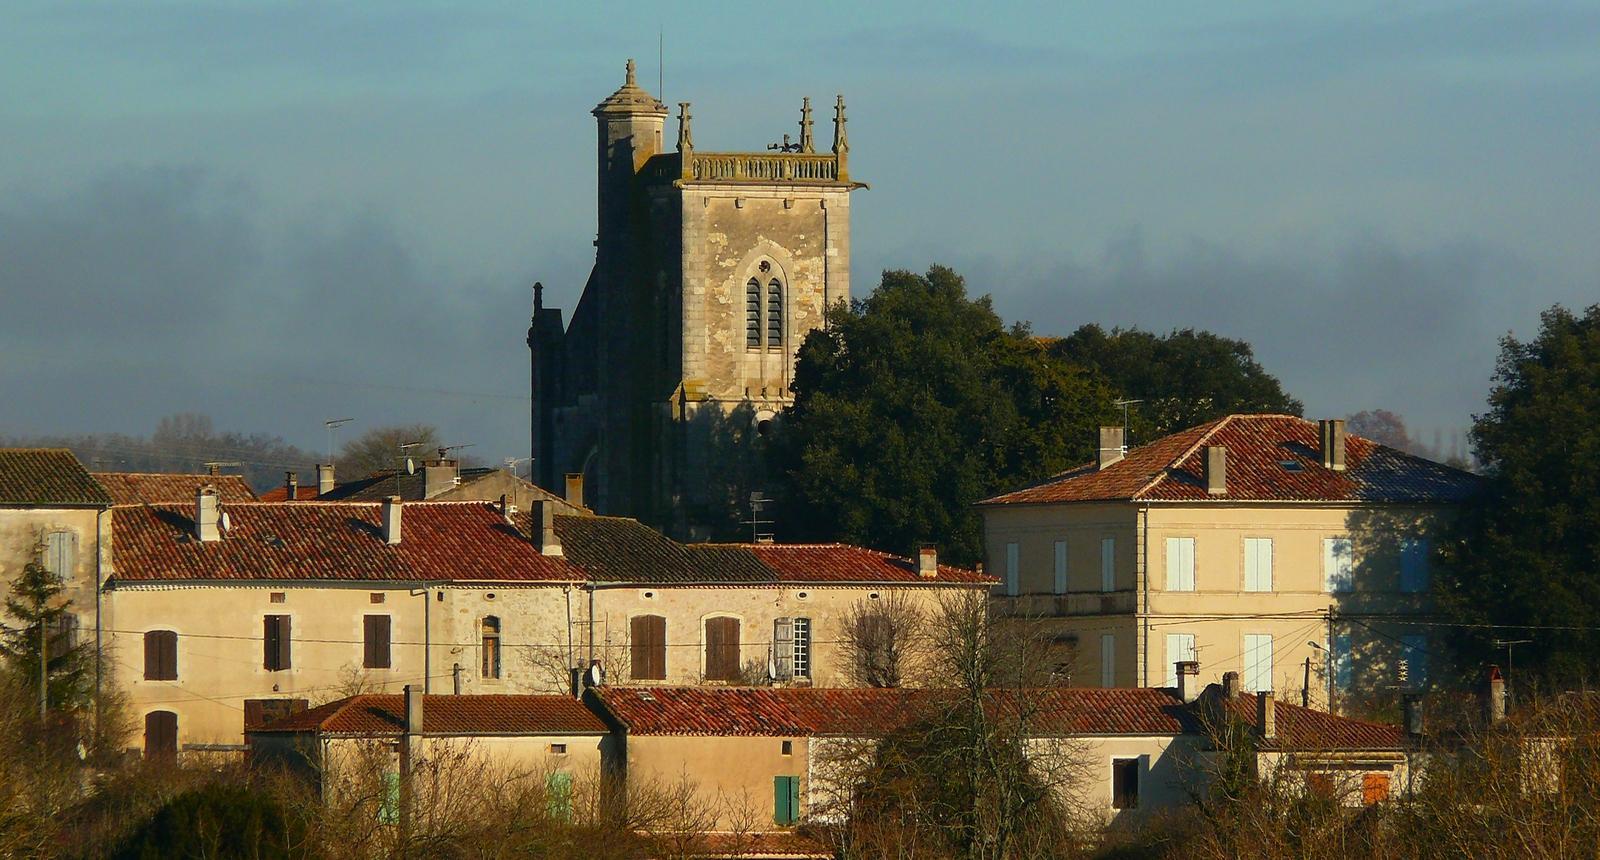 Eglise Saint-Louis de Lamontjoie